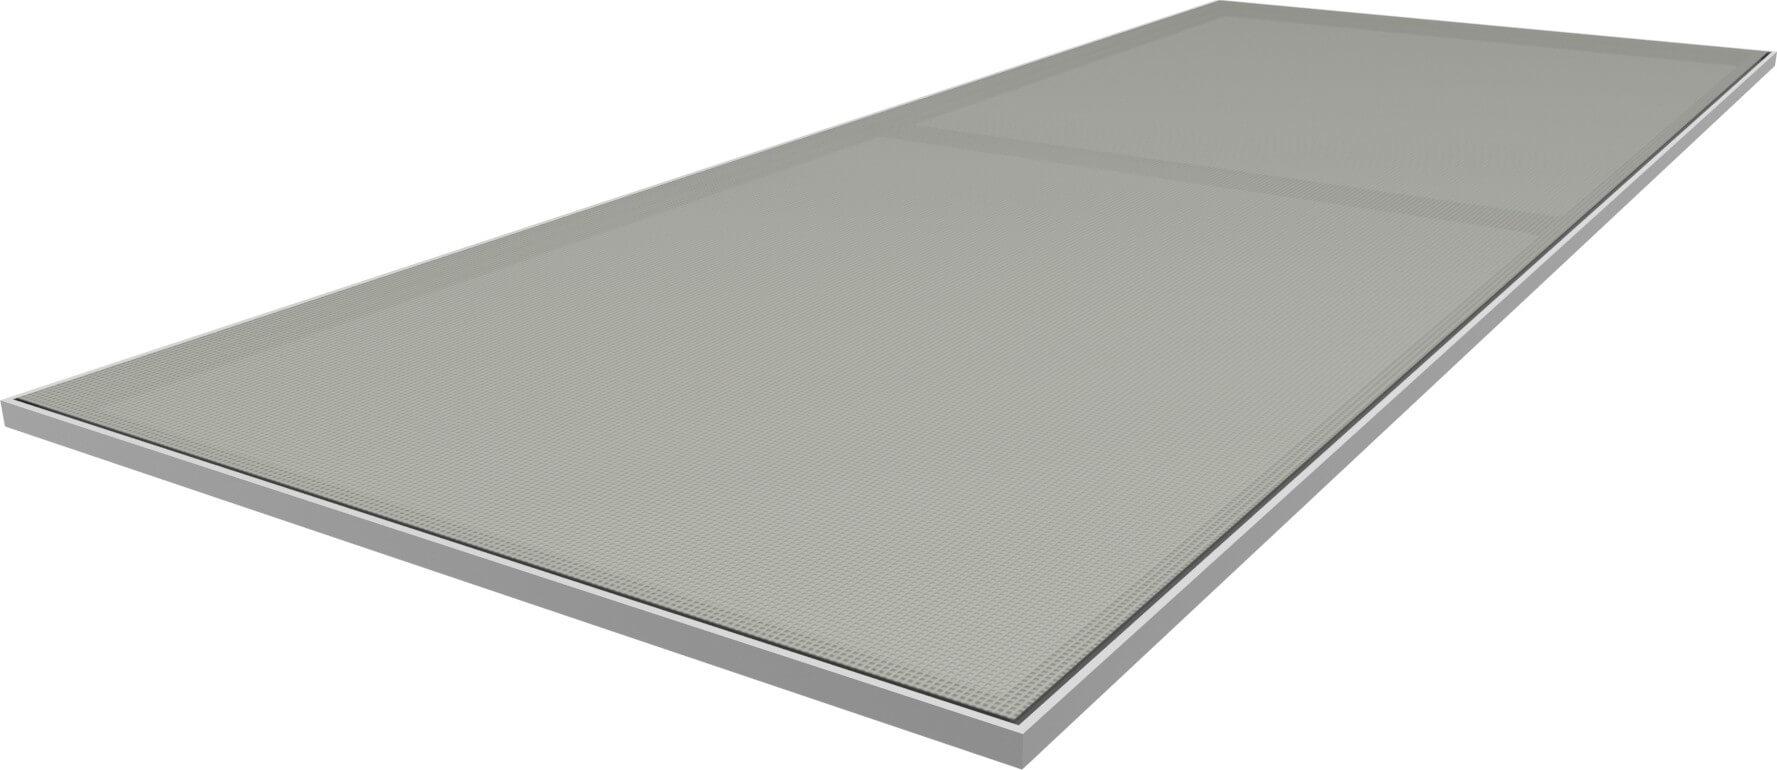 Renophon Système de sur-toiture avec toile technique